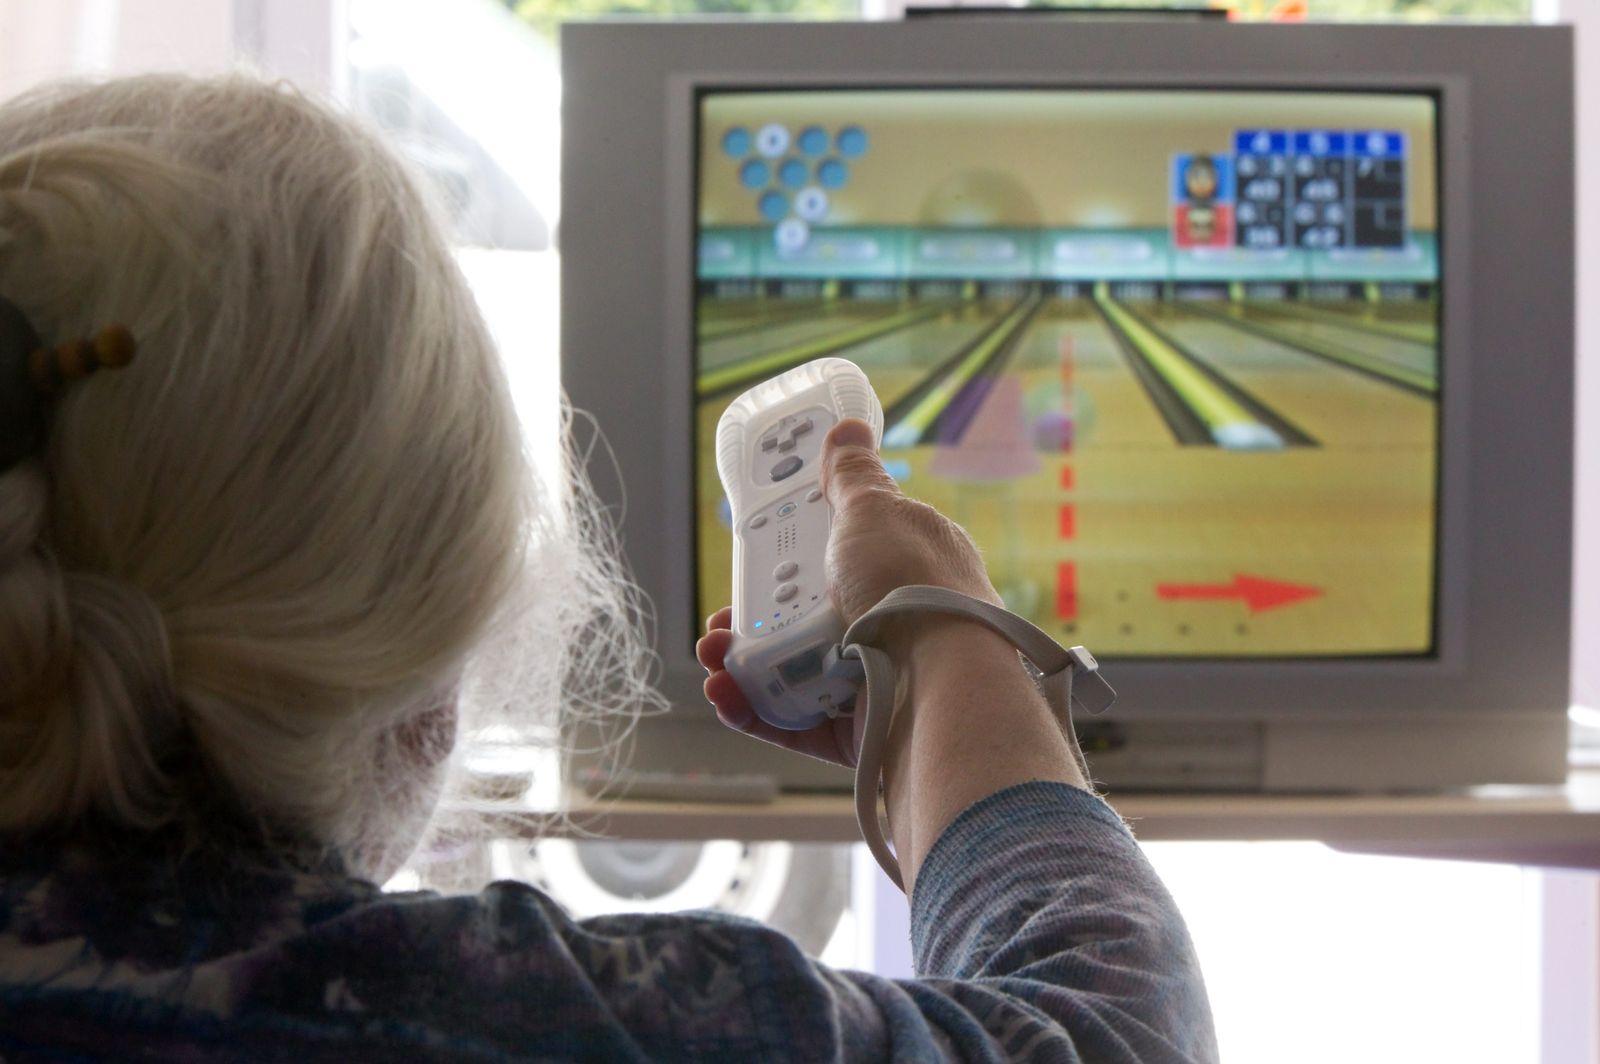 Gesundheit Sturzprophylaxe Senioren spielen Spielkonsolen